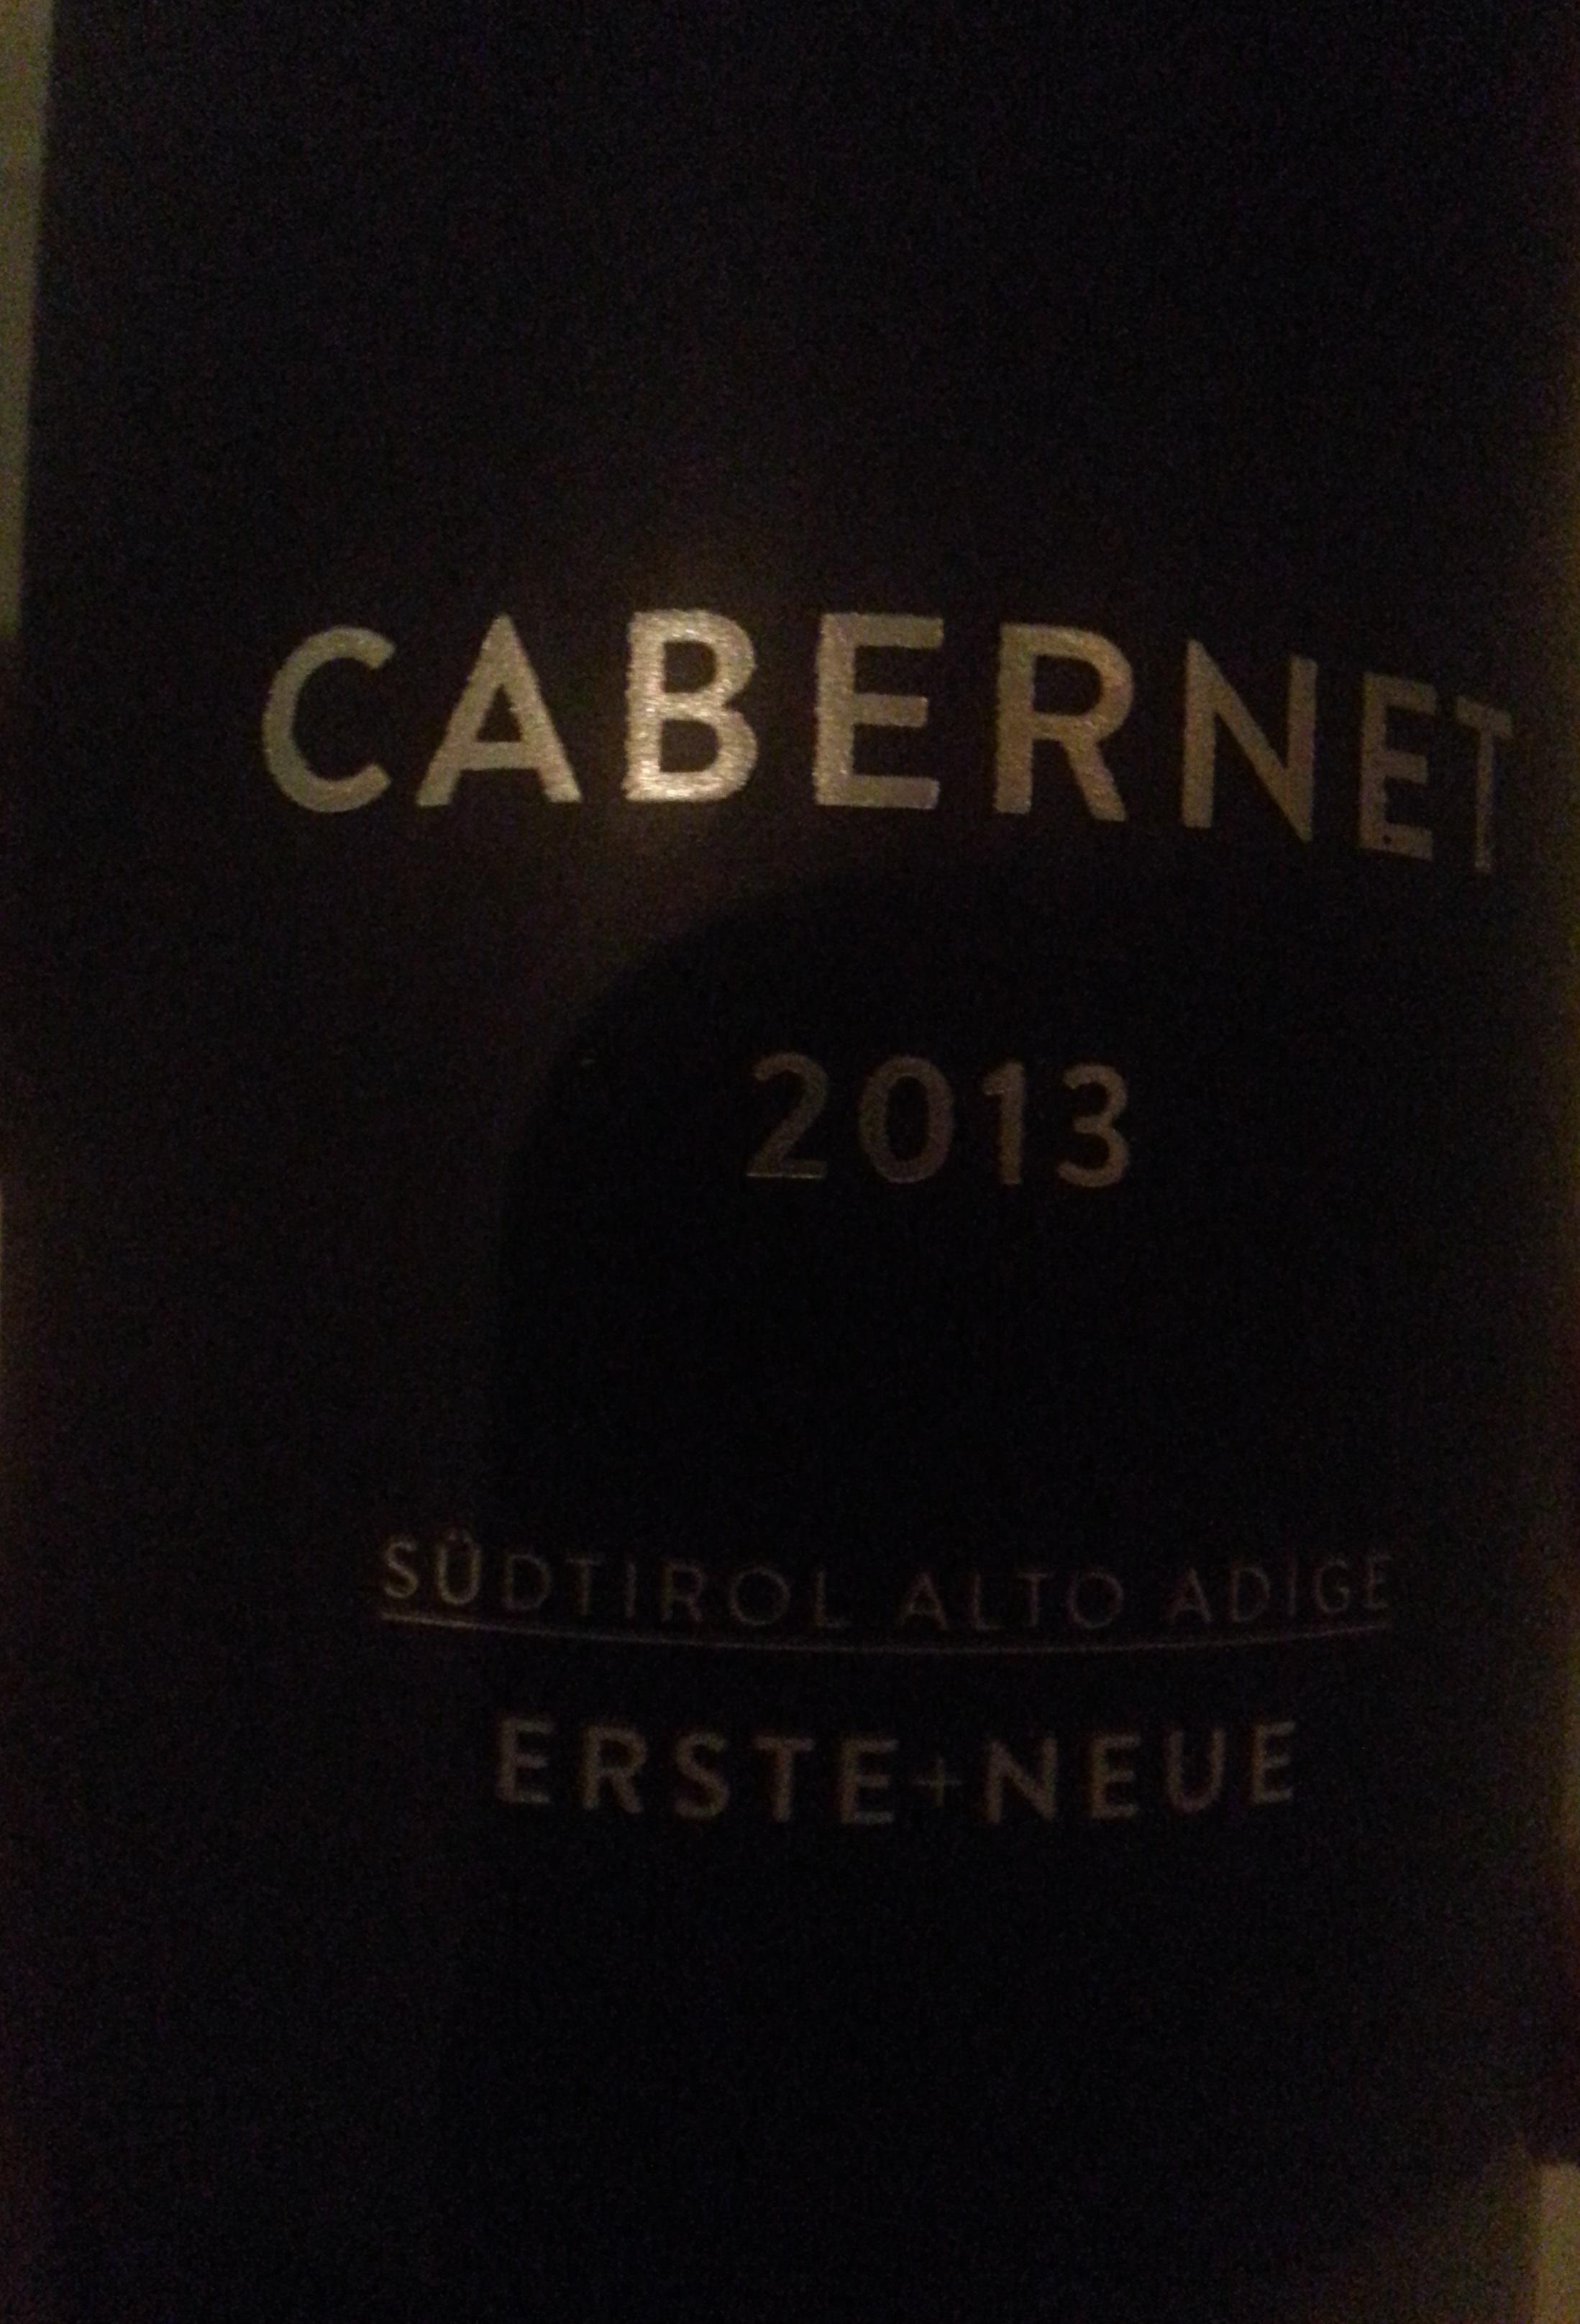 2013 Cabernet | Erste+Neue